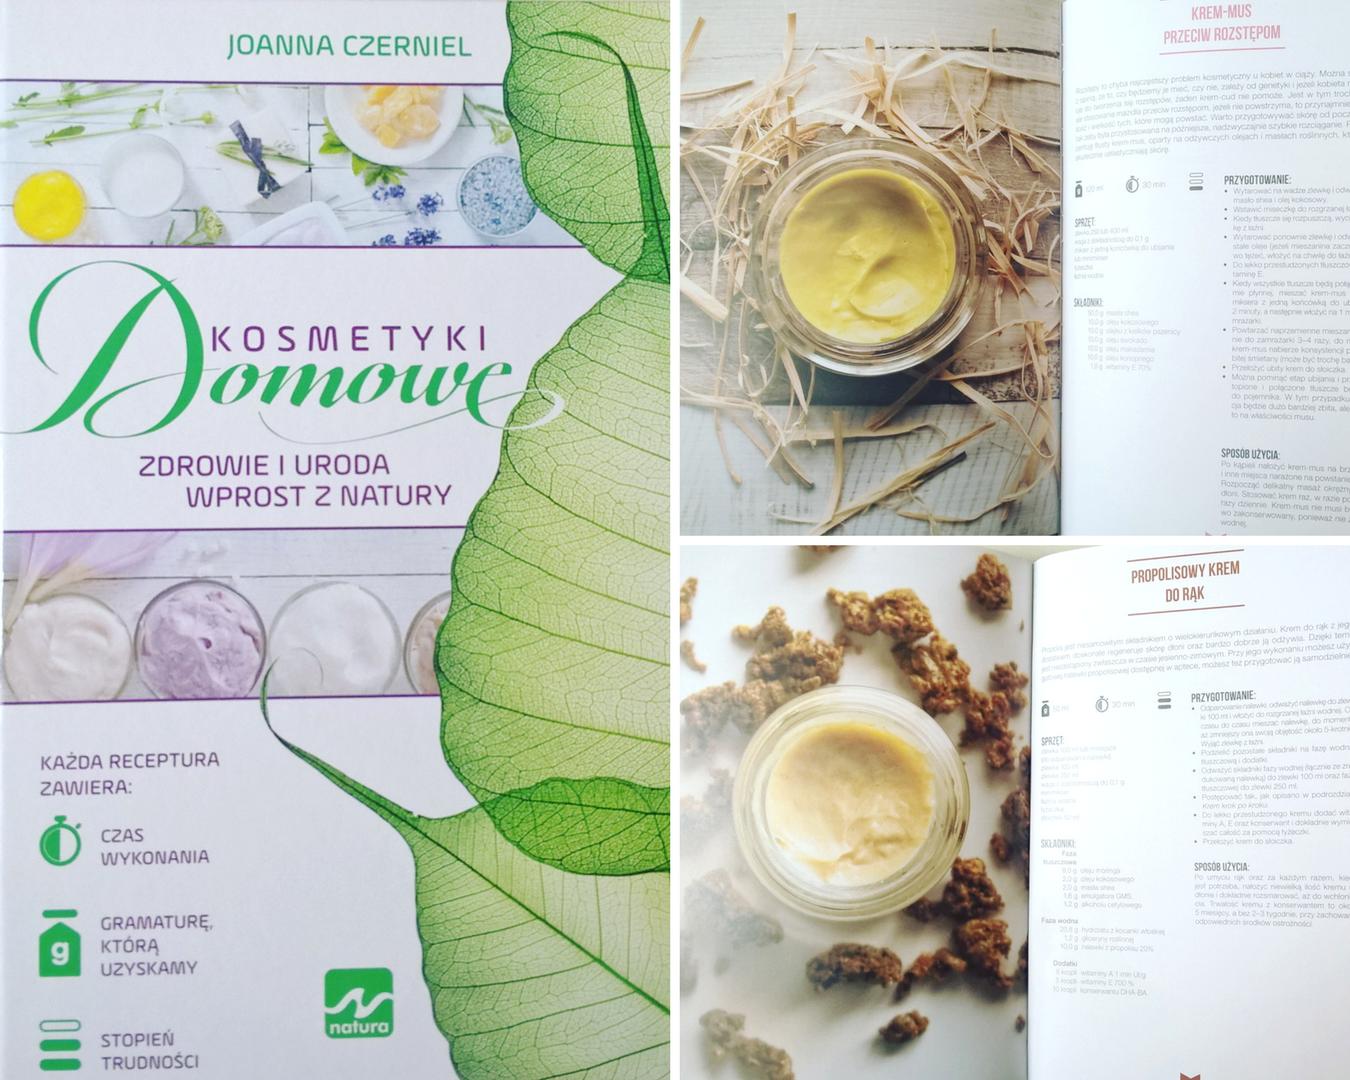 Joanna Czerniel - Domowe Kosmetyki: Zdrowie i uroda wprost z natury